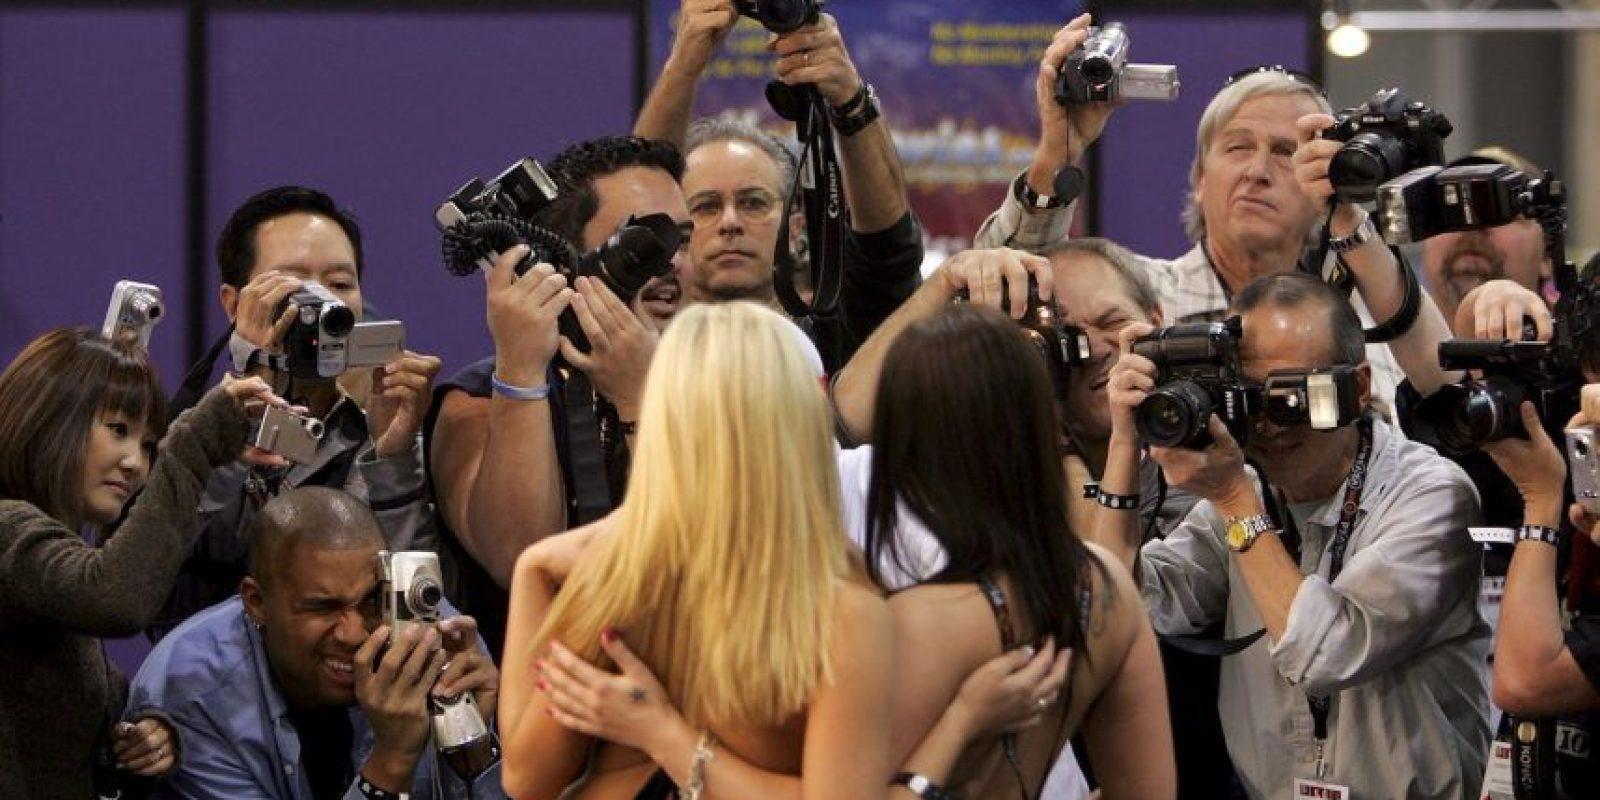 Lo que hace incluyente a esta popular web de videos para adultos. Foto:Getty Images